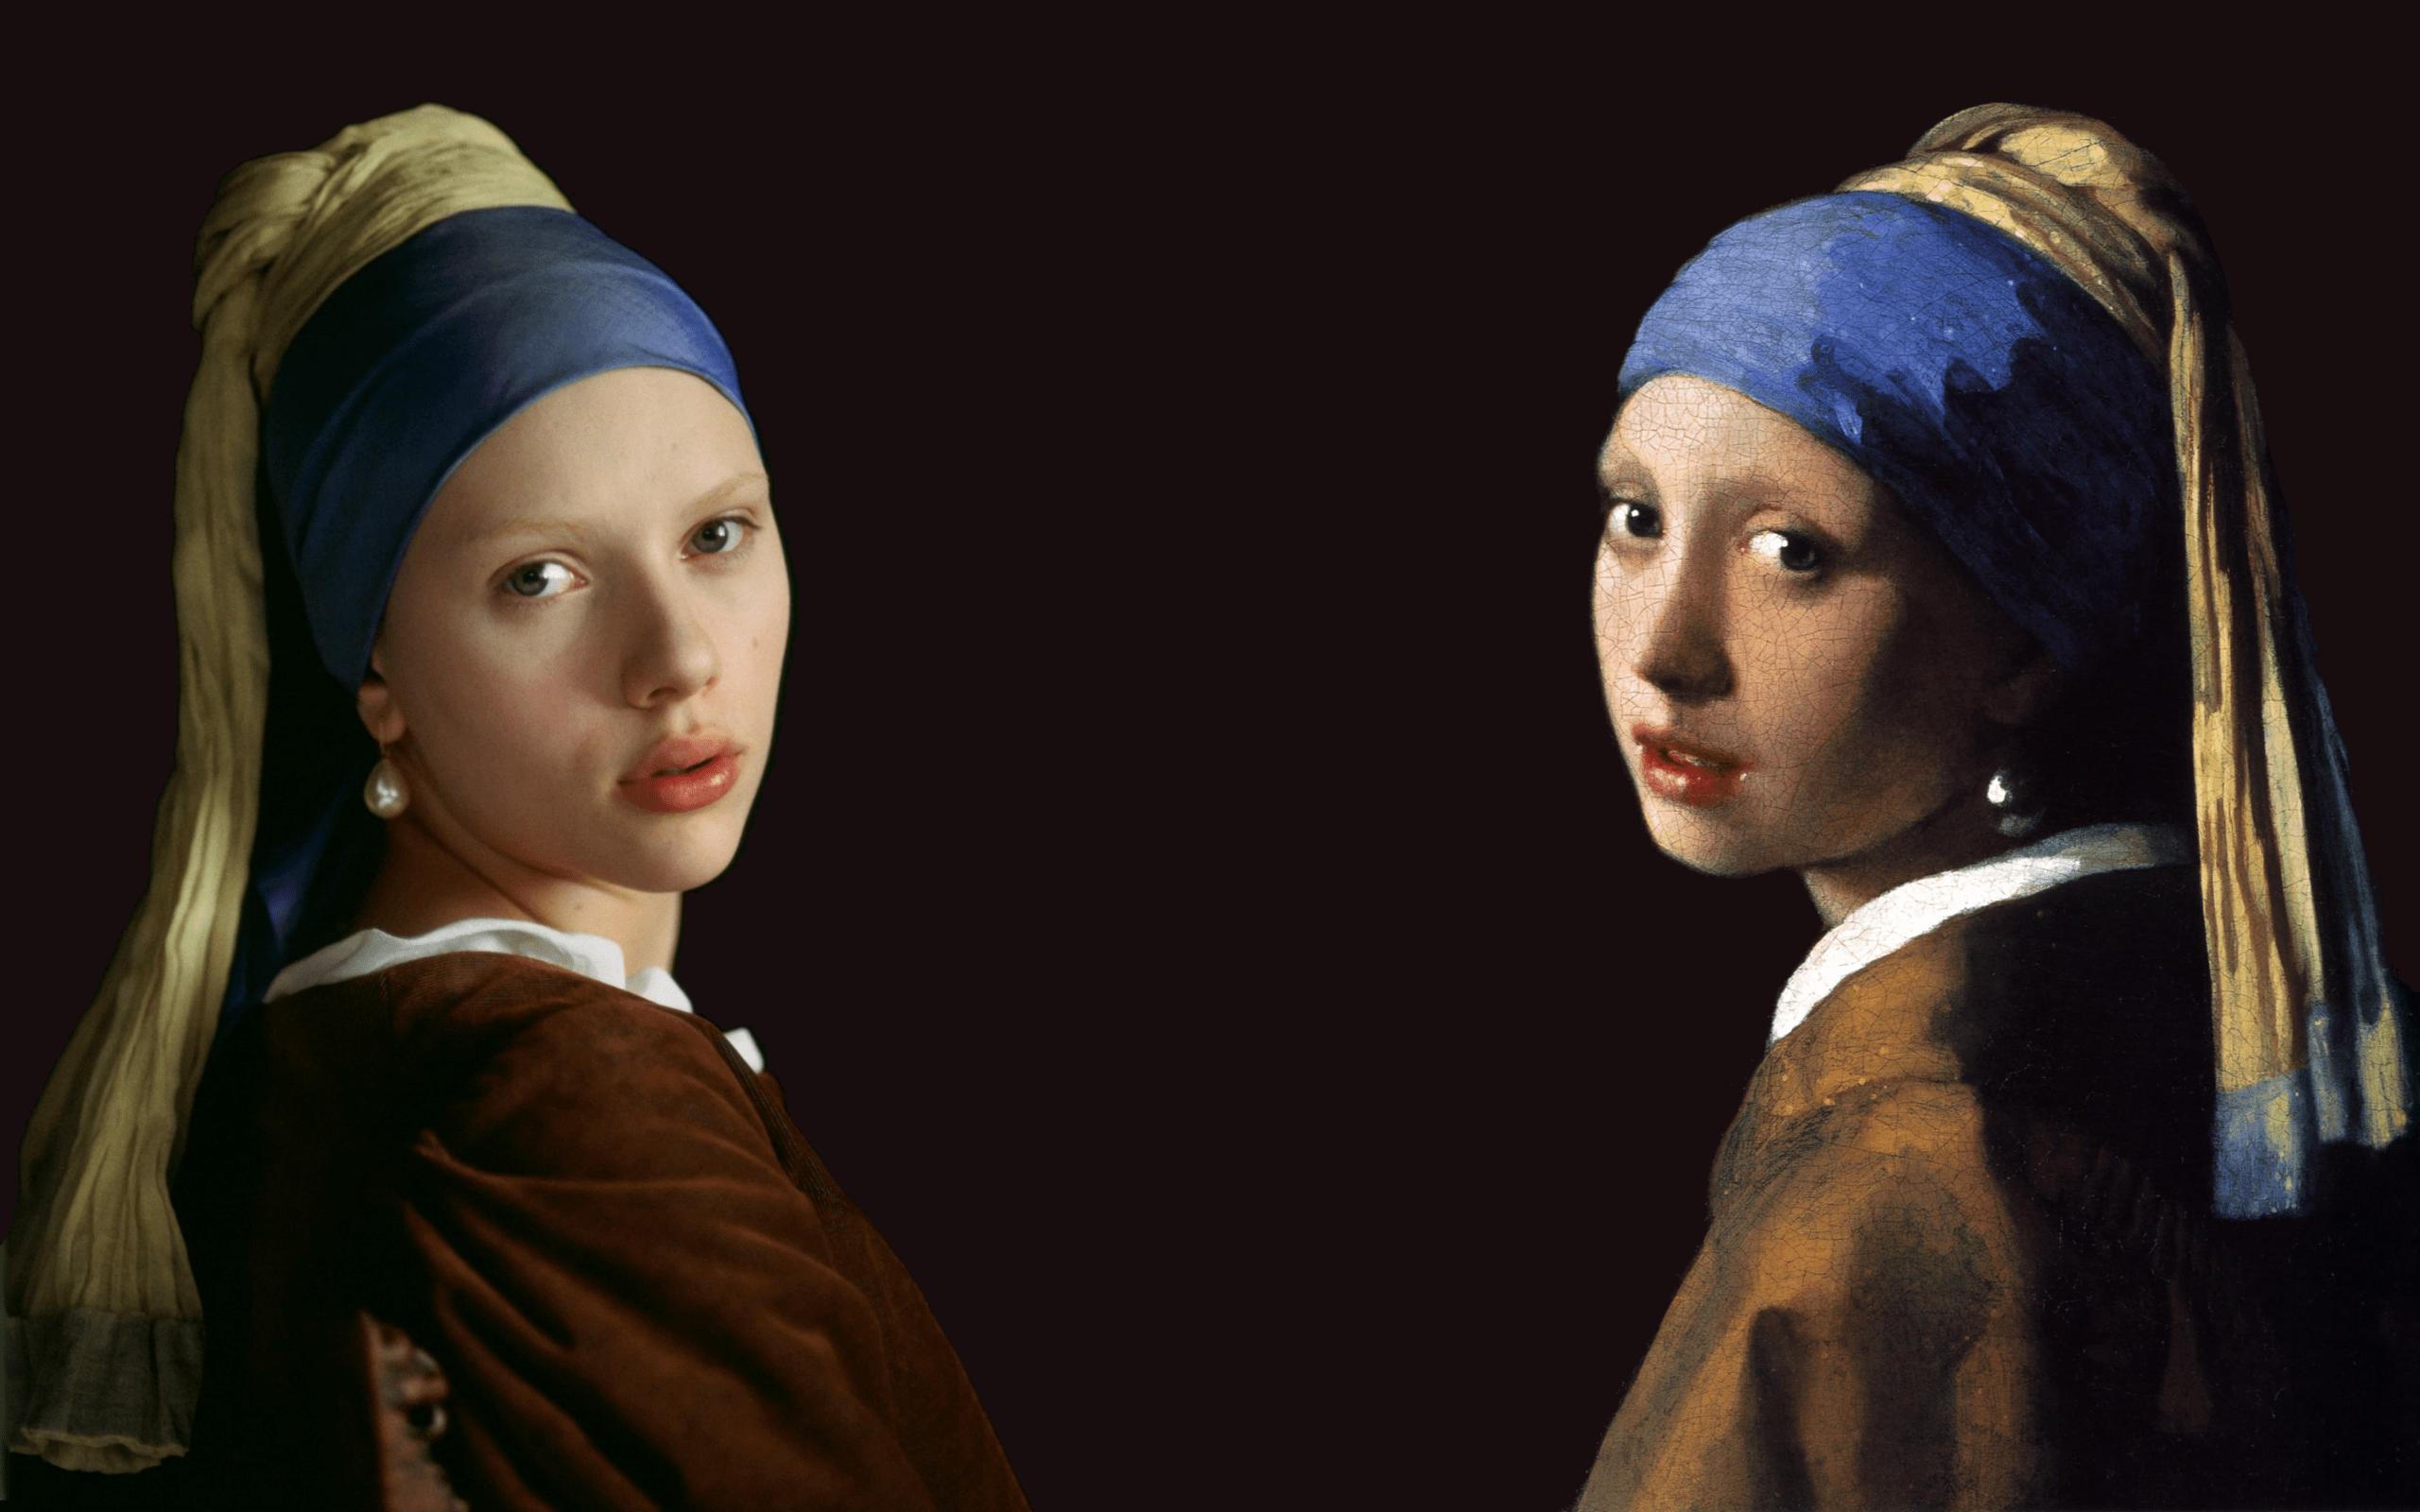 Girl Wallpaper Paintings Scarlett Johansson Artwork Johannes Vermeer The